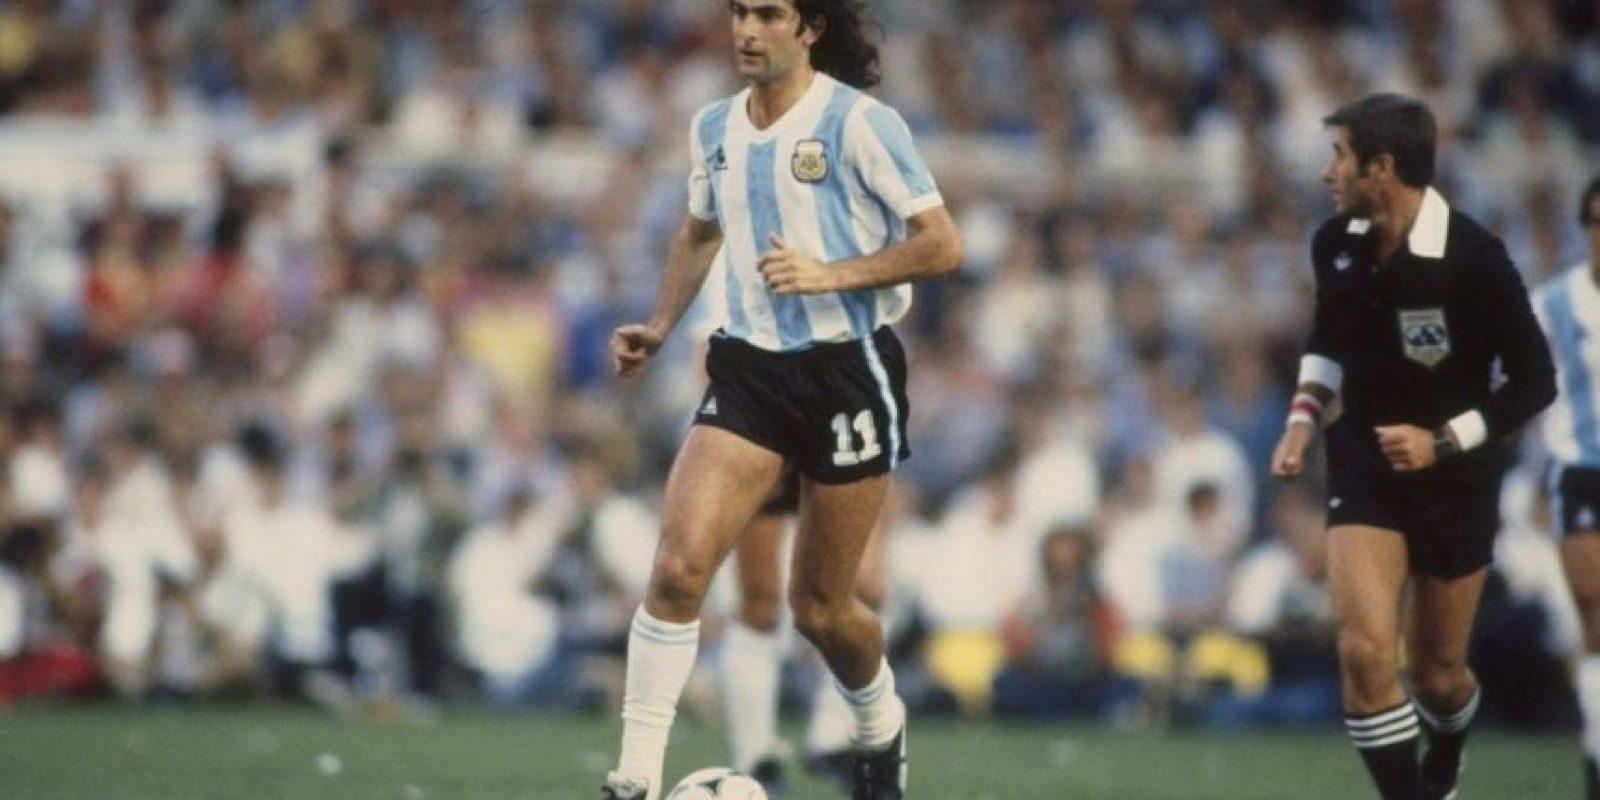 Pudo ganar el Balón de Oro en 1978 Foto:Getty Images